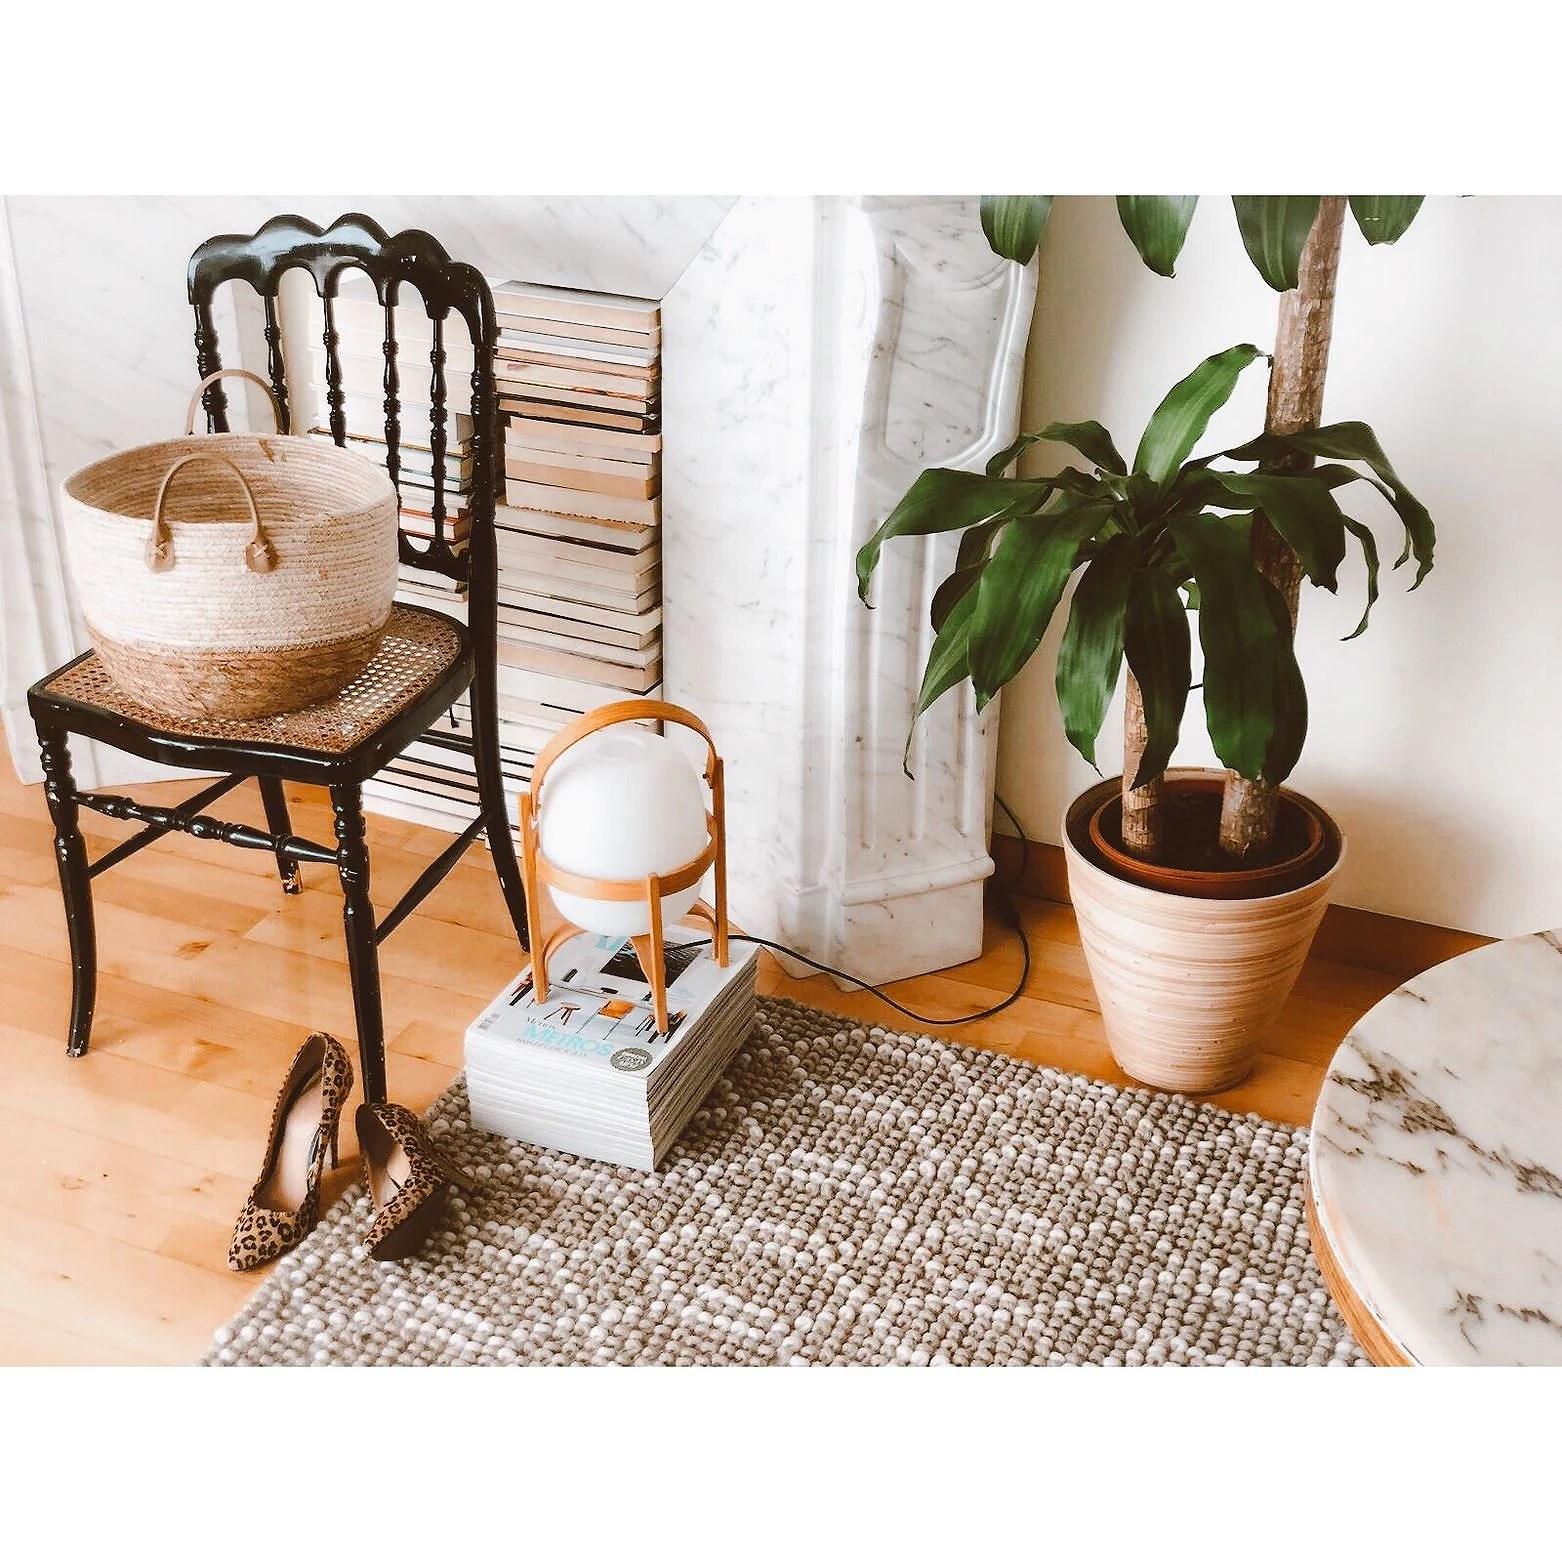 Las alfombras de lana artesanales, un plus de calidad y tendencia para tu hogar